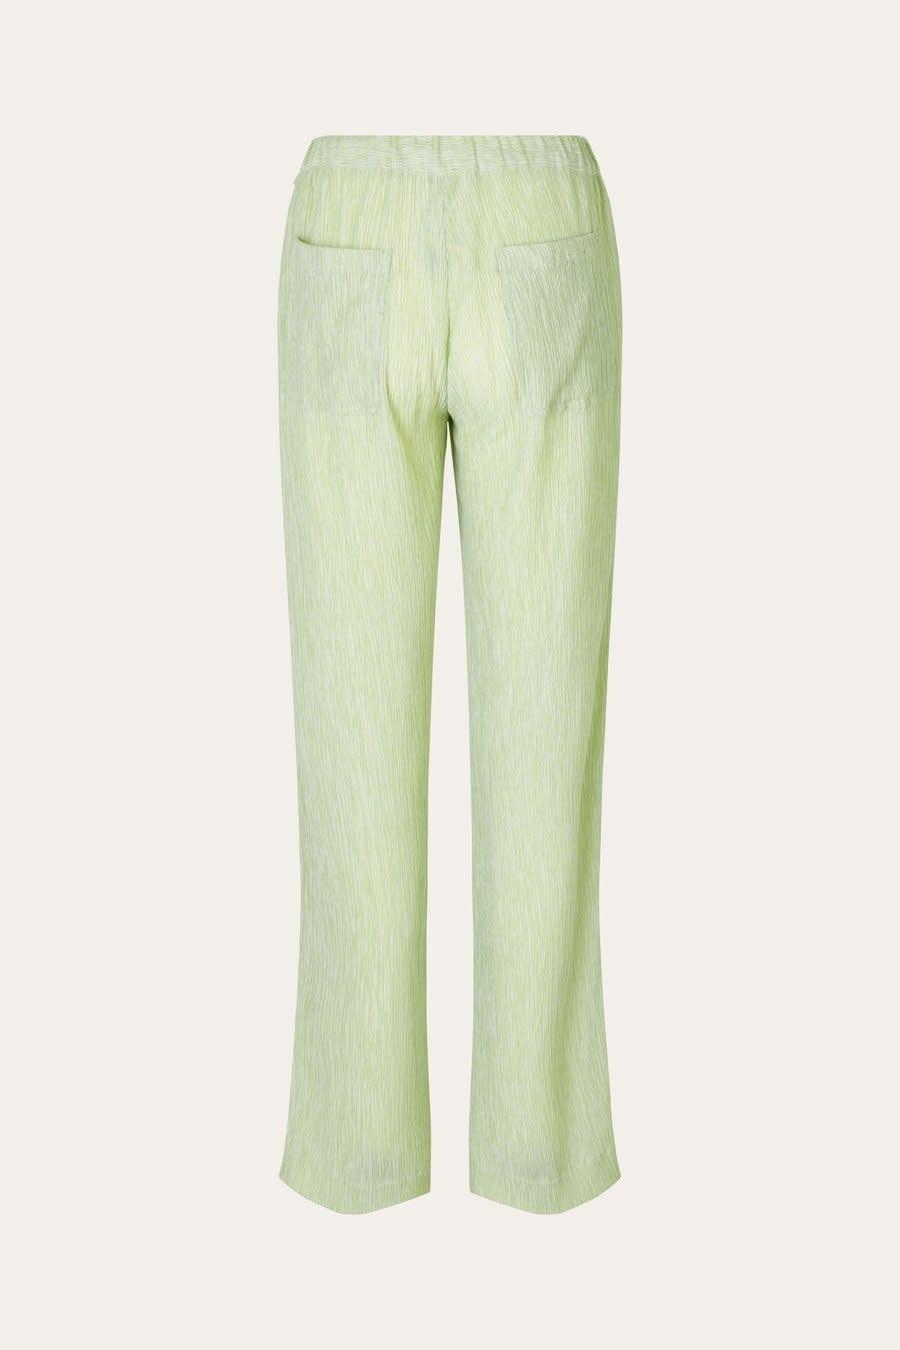 Gulcan Crinkled Tencel Pants-2